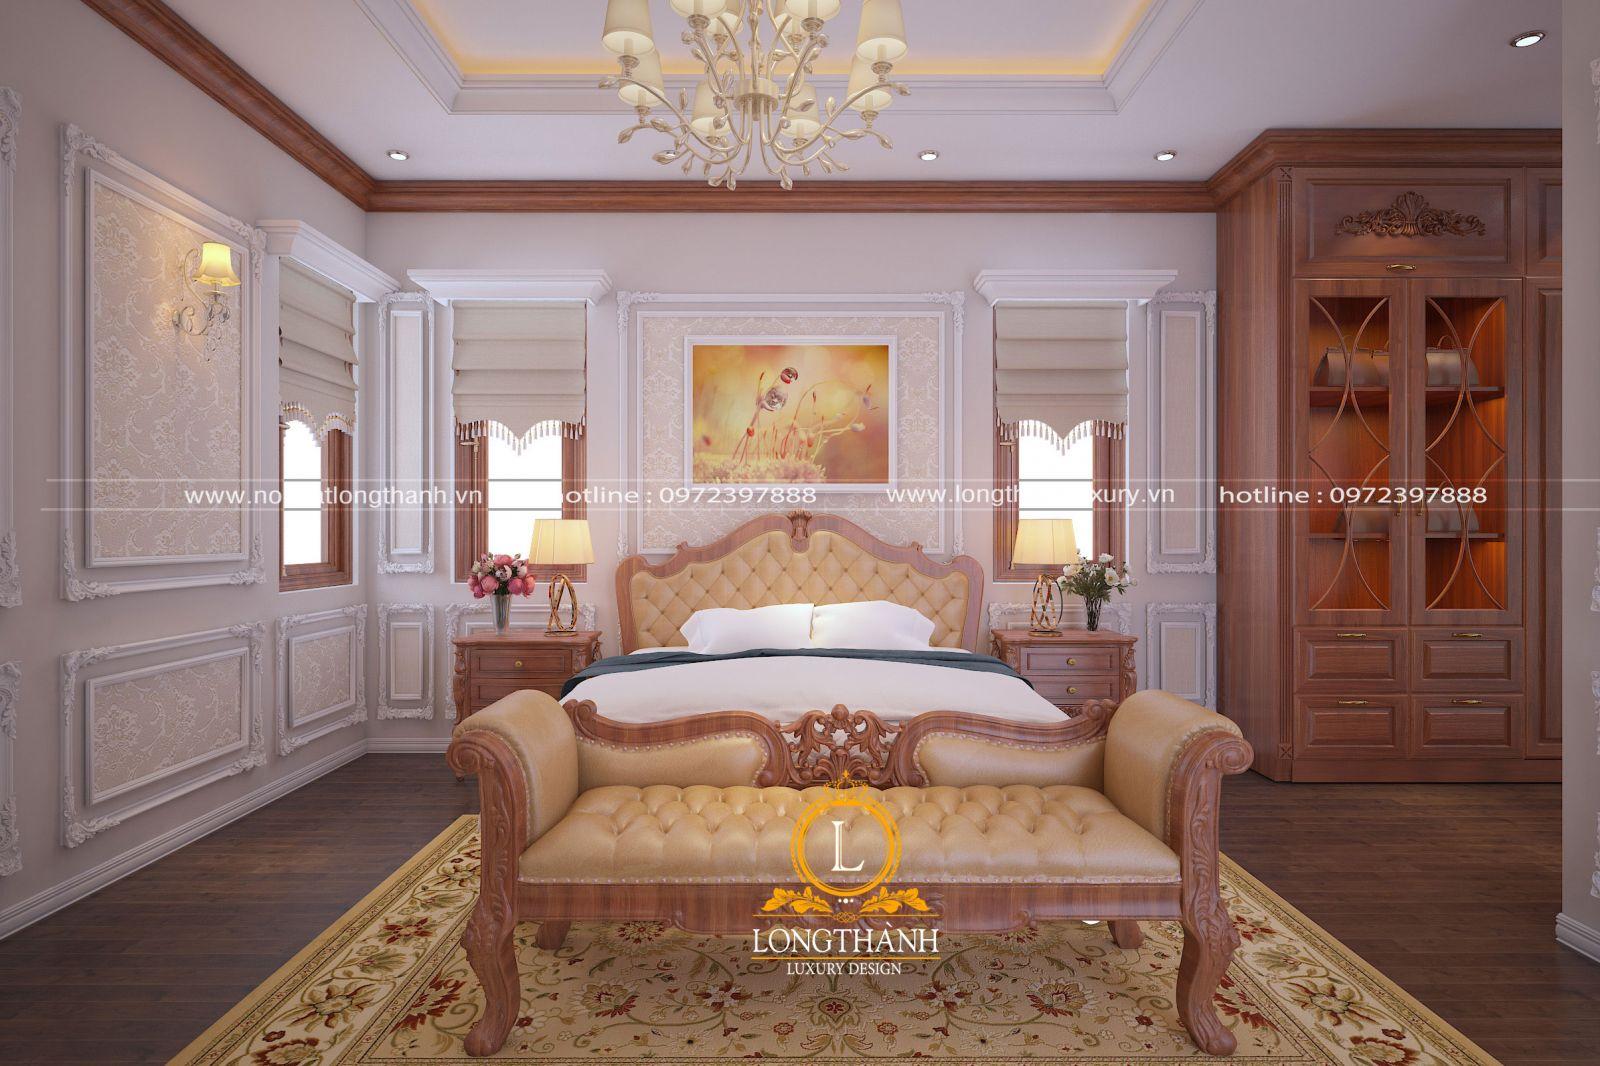 Phòng ngủ đẹp được thiết kế chạm khắc độc đáo